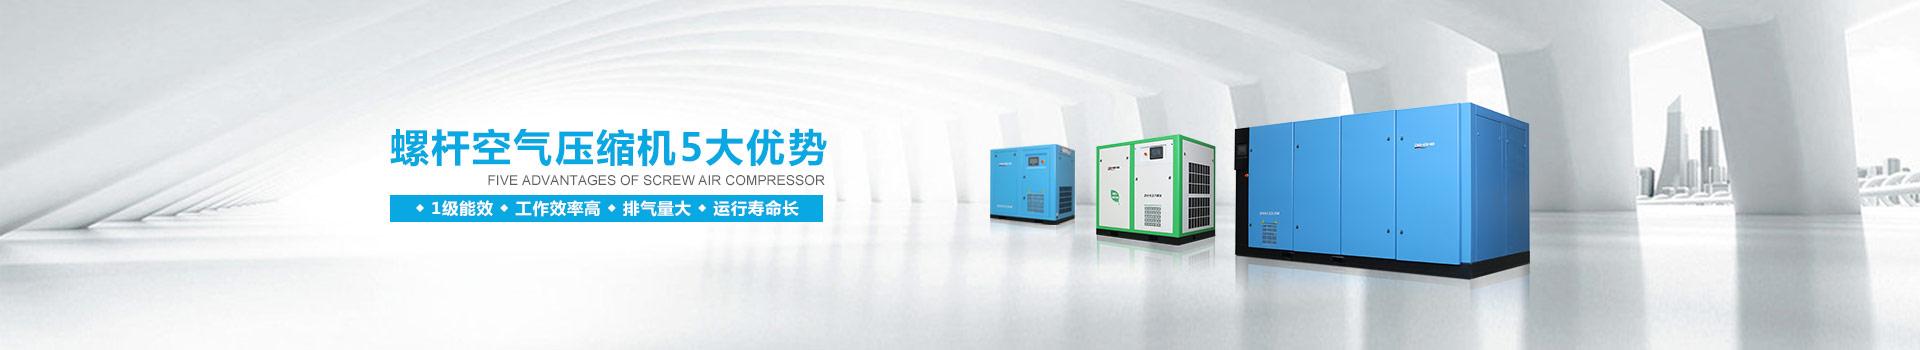 德哈哈专注于工业空气压缩机的研发和制造